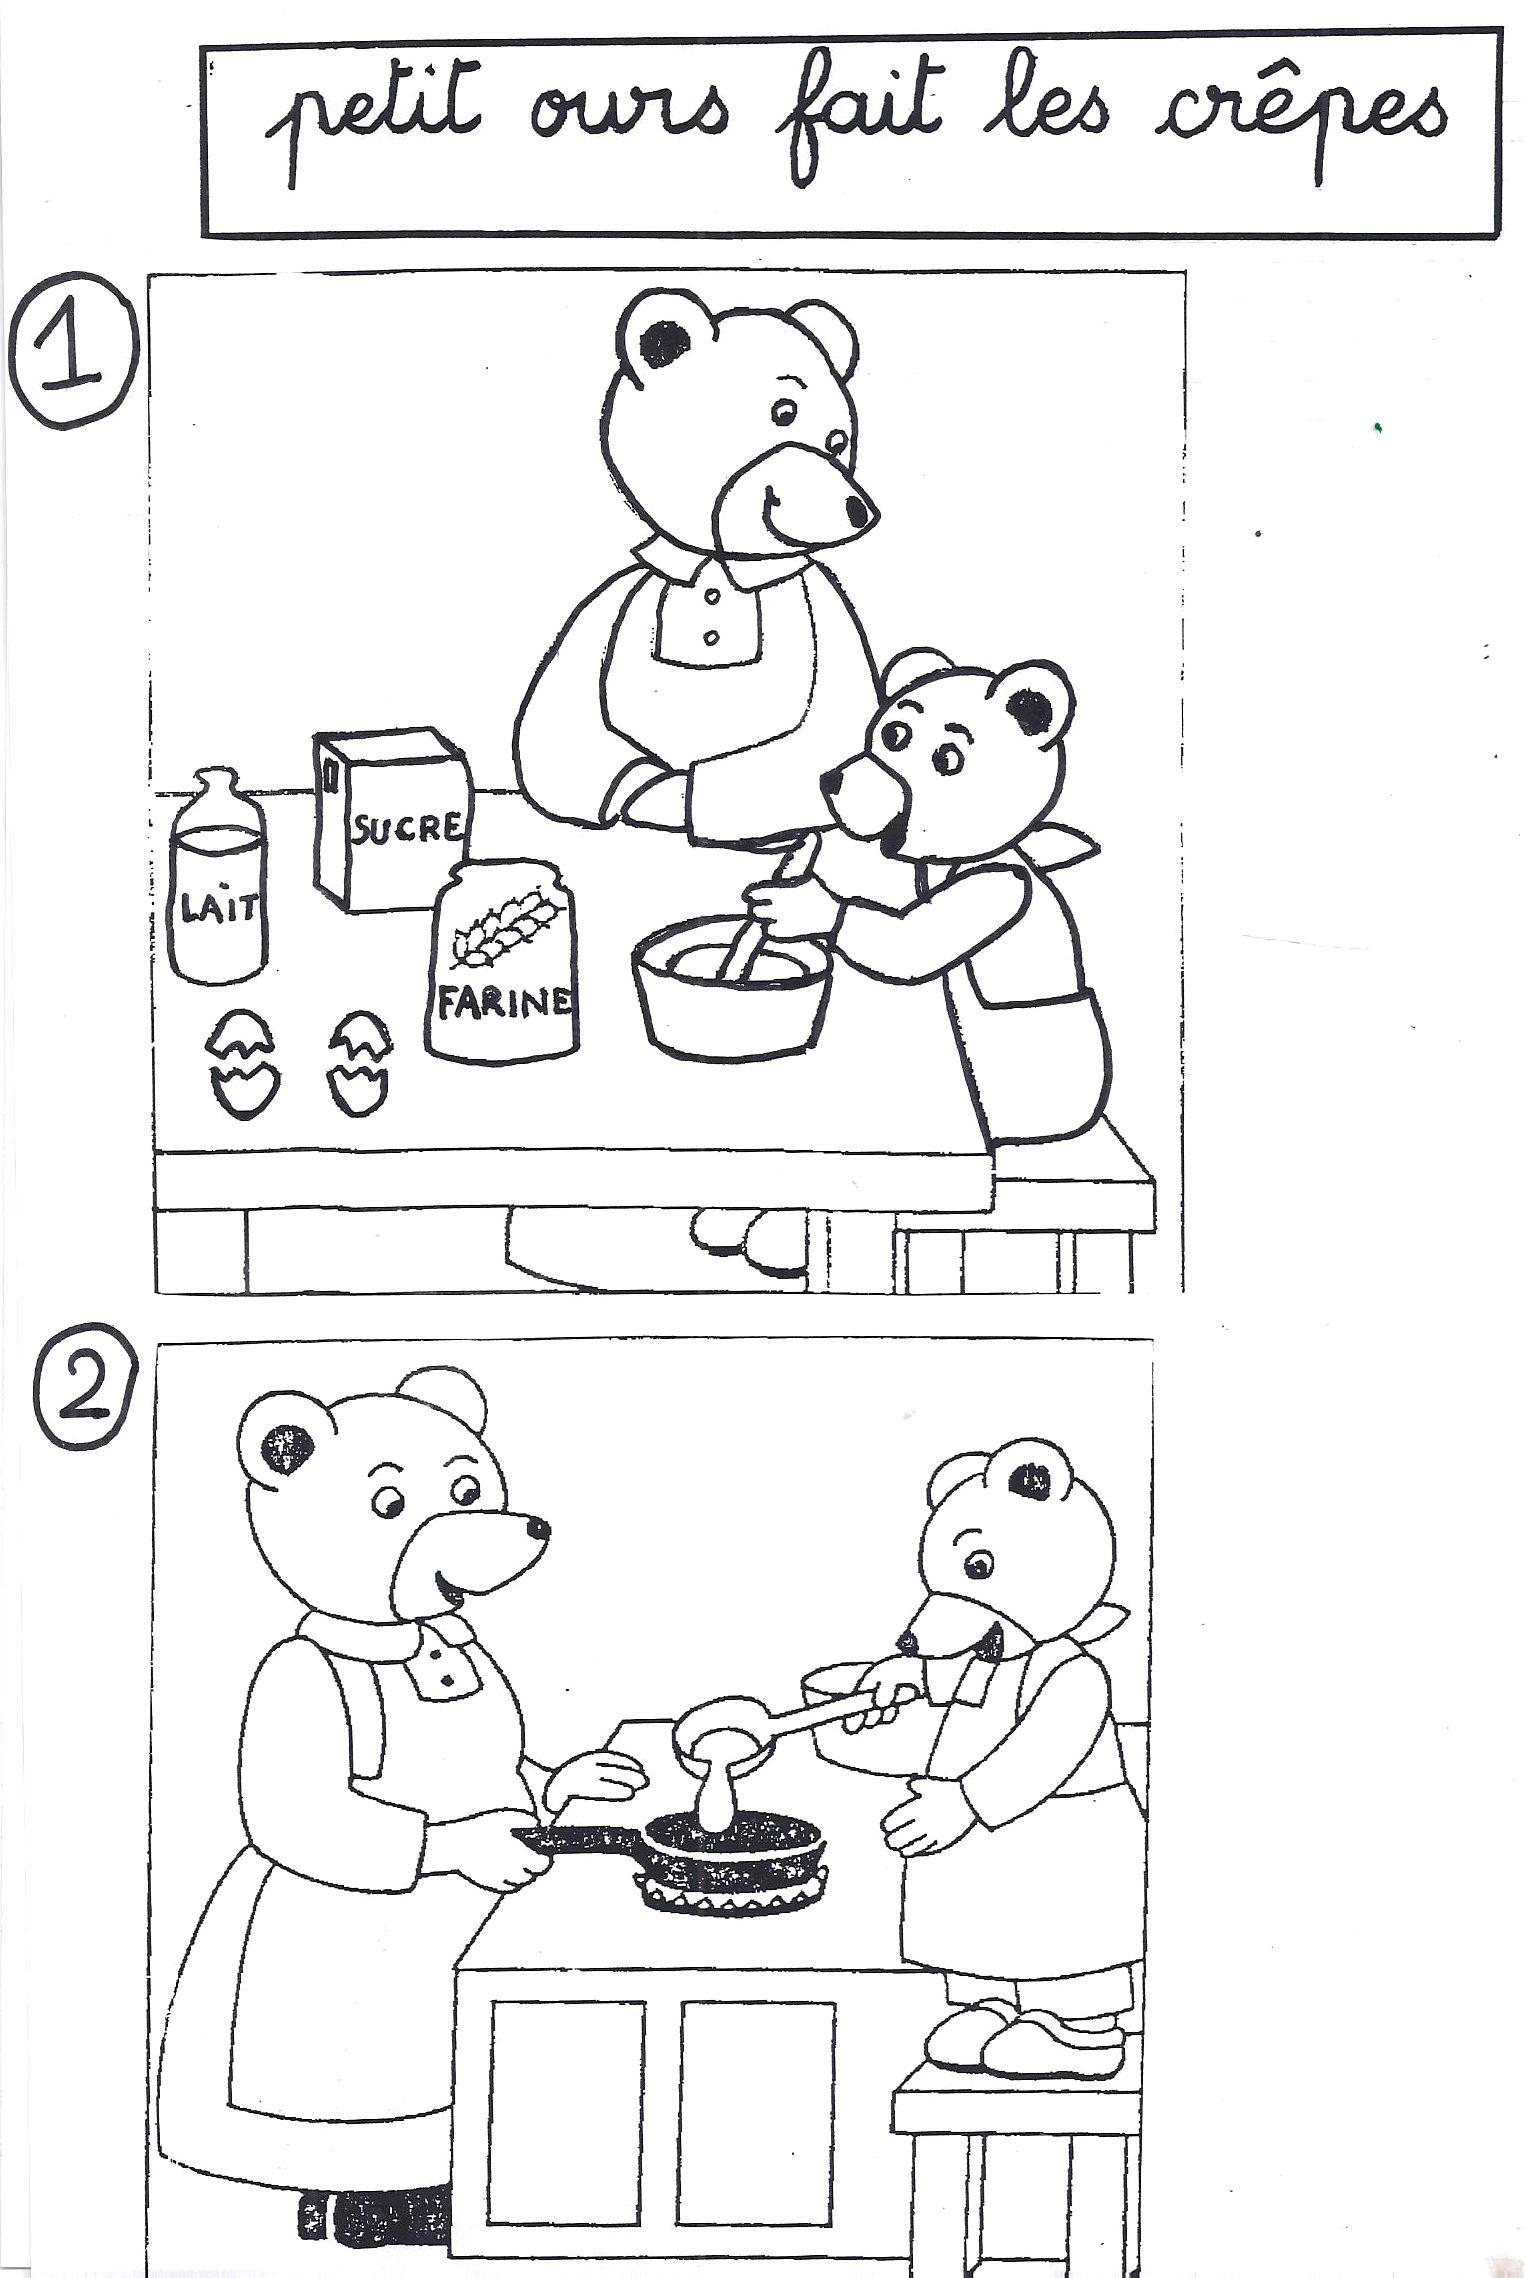 images squentielles petit ours brun prpare des crpes avec sa maman - Petit Ours Brun Telecharger